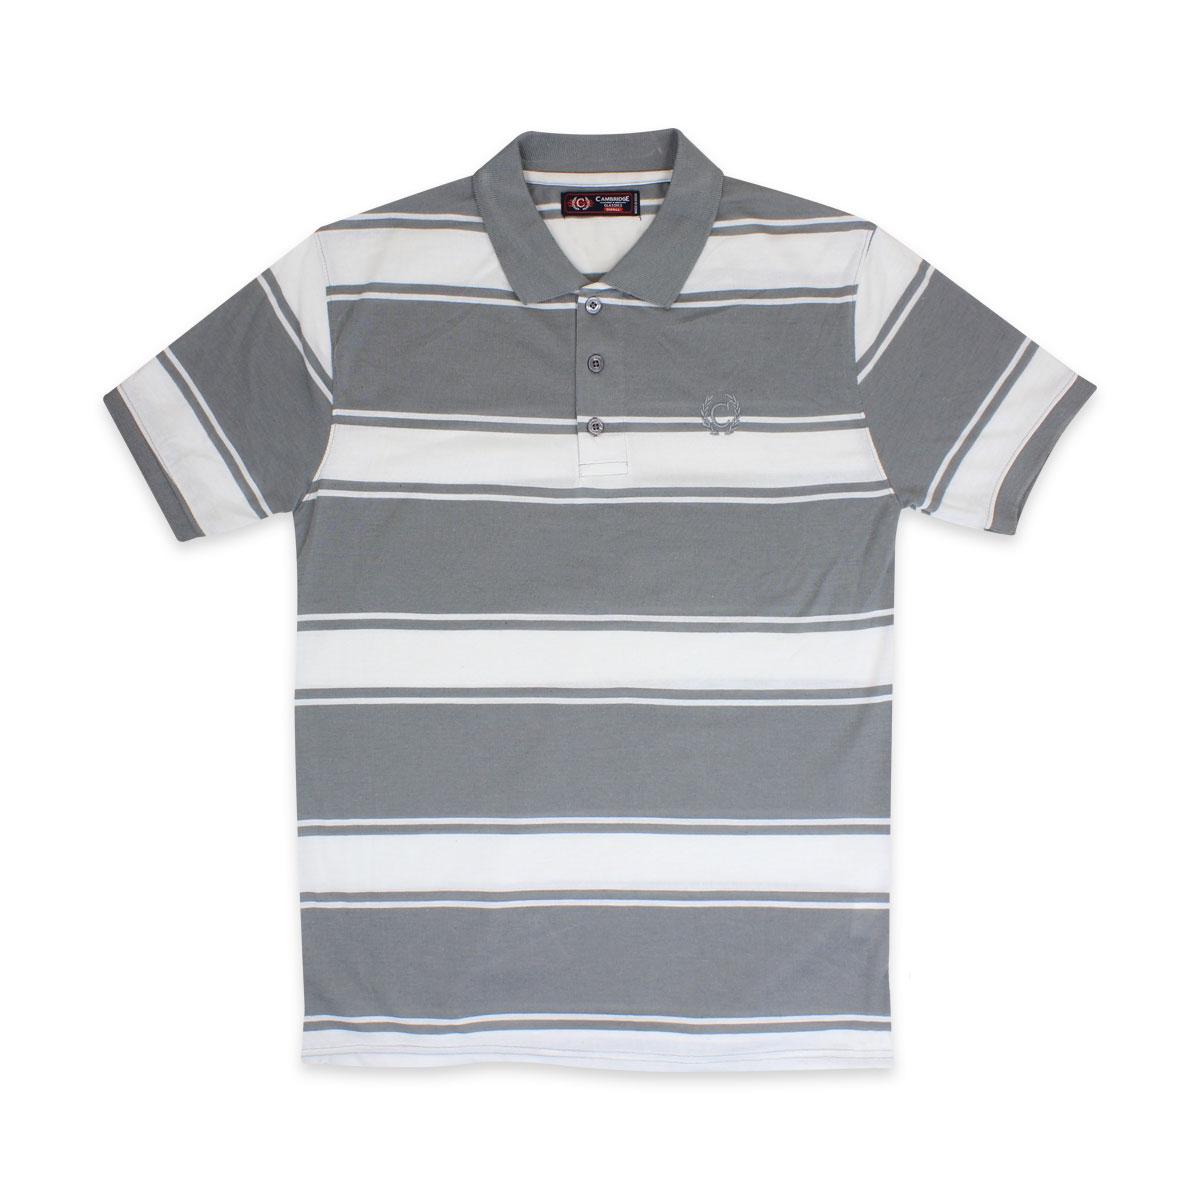 Camisas-Polo-Para-Hombre-A-Rayas-Pique-Con-Cuello-camiseta-Camiseta-Manga-Corta-De-Verano-S-M-L-XL miniatura 59